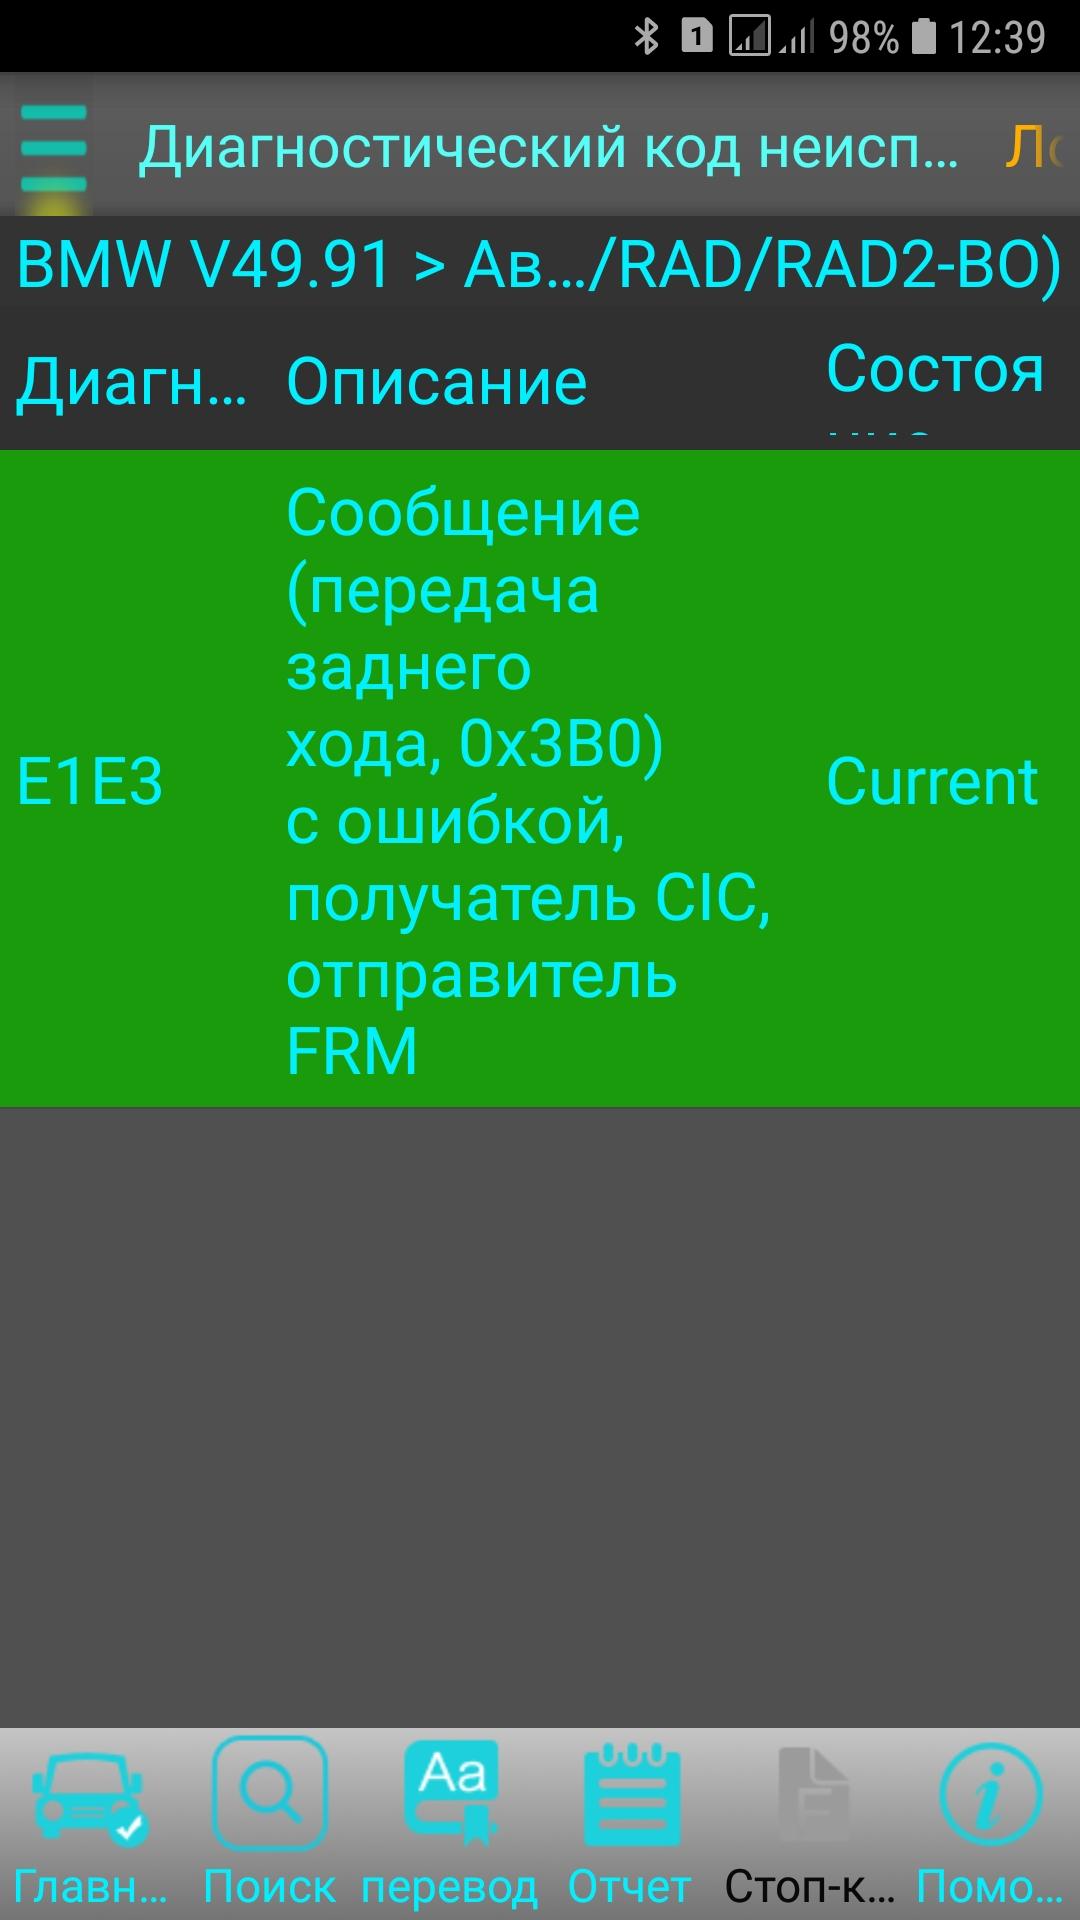 Screenshot_20181216-123949_X-431 PRO3.jpg